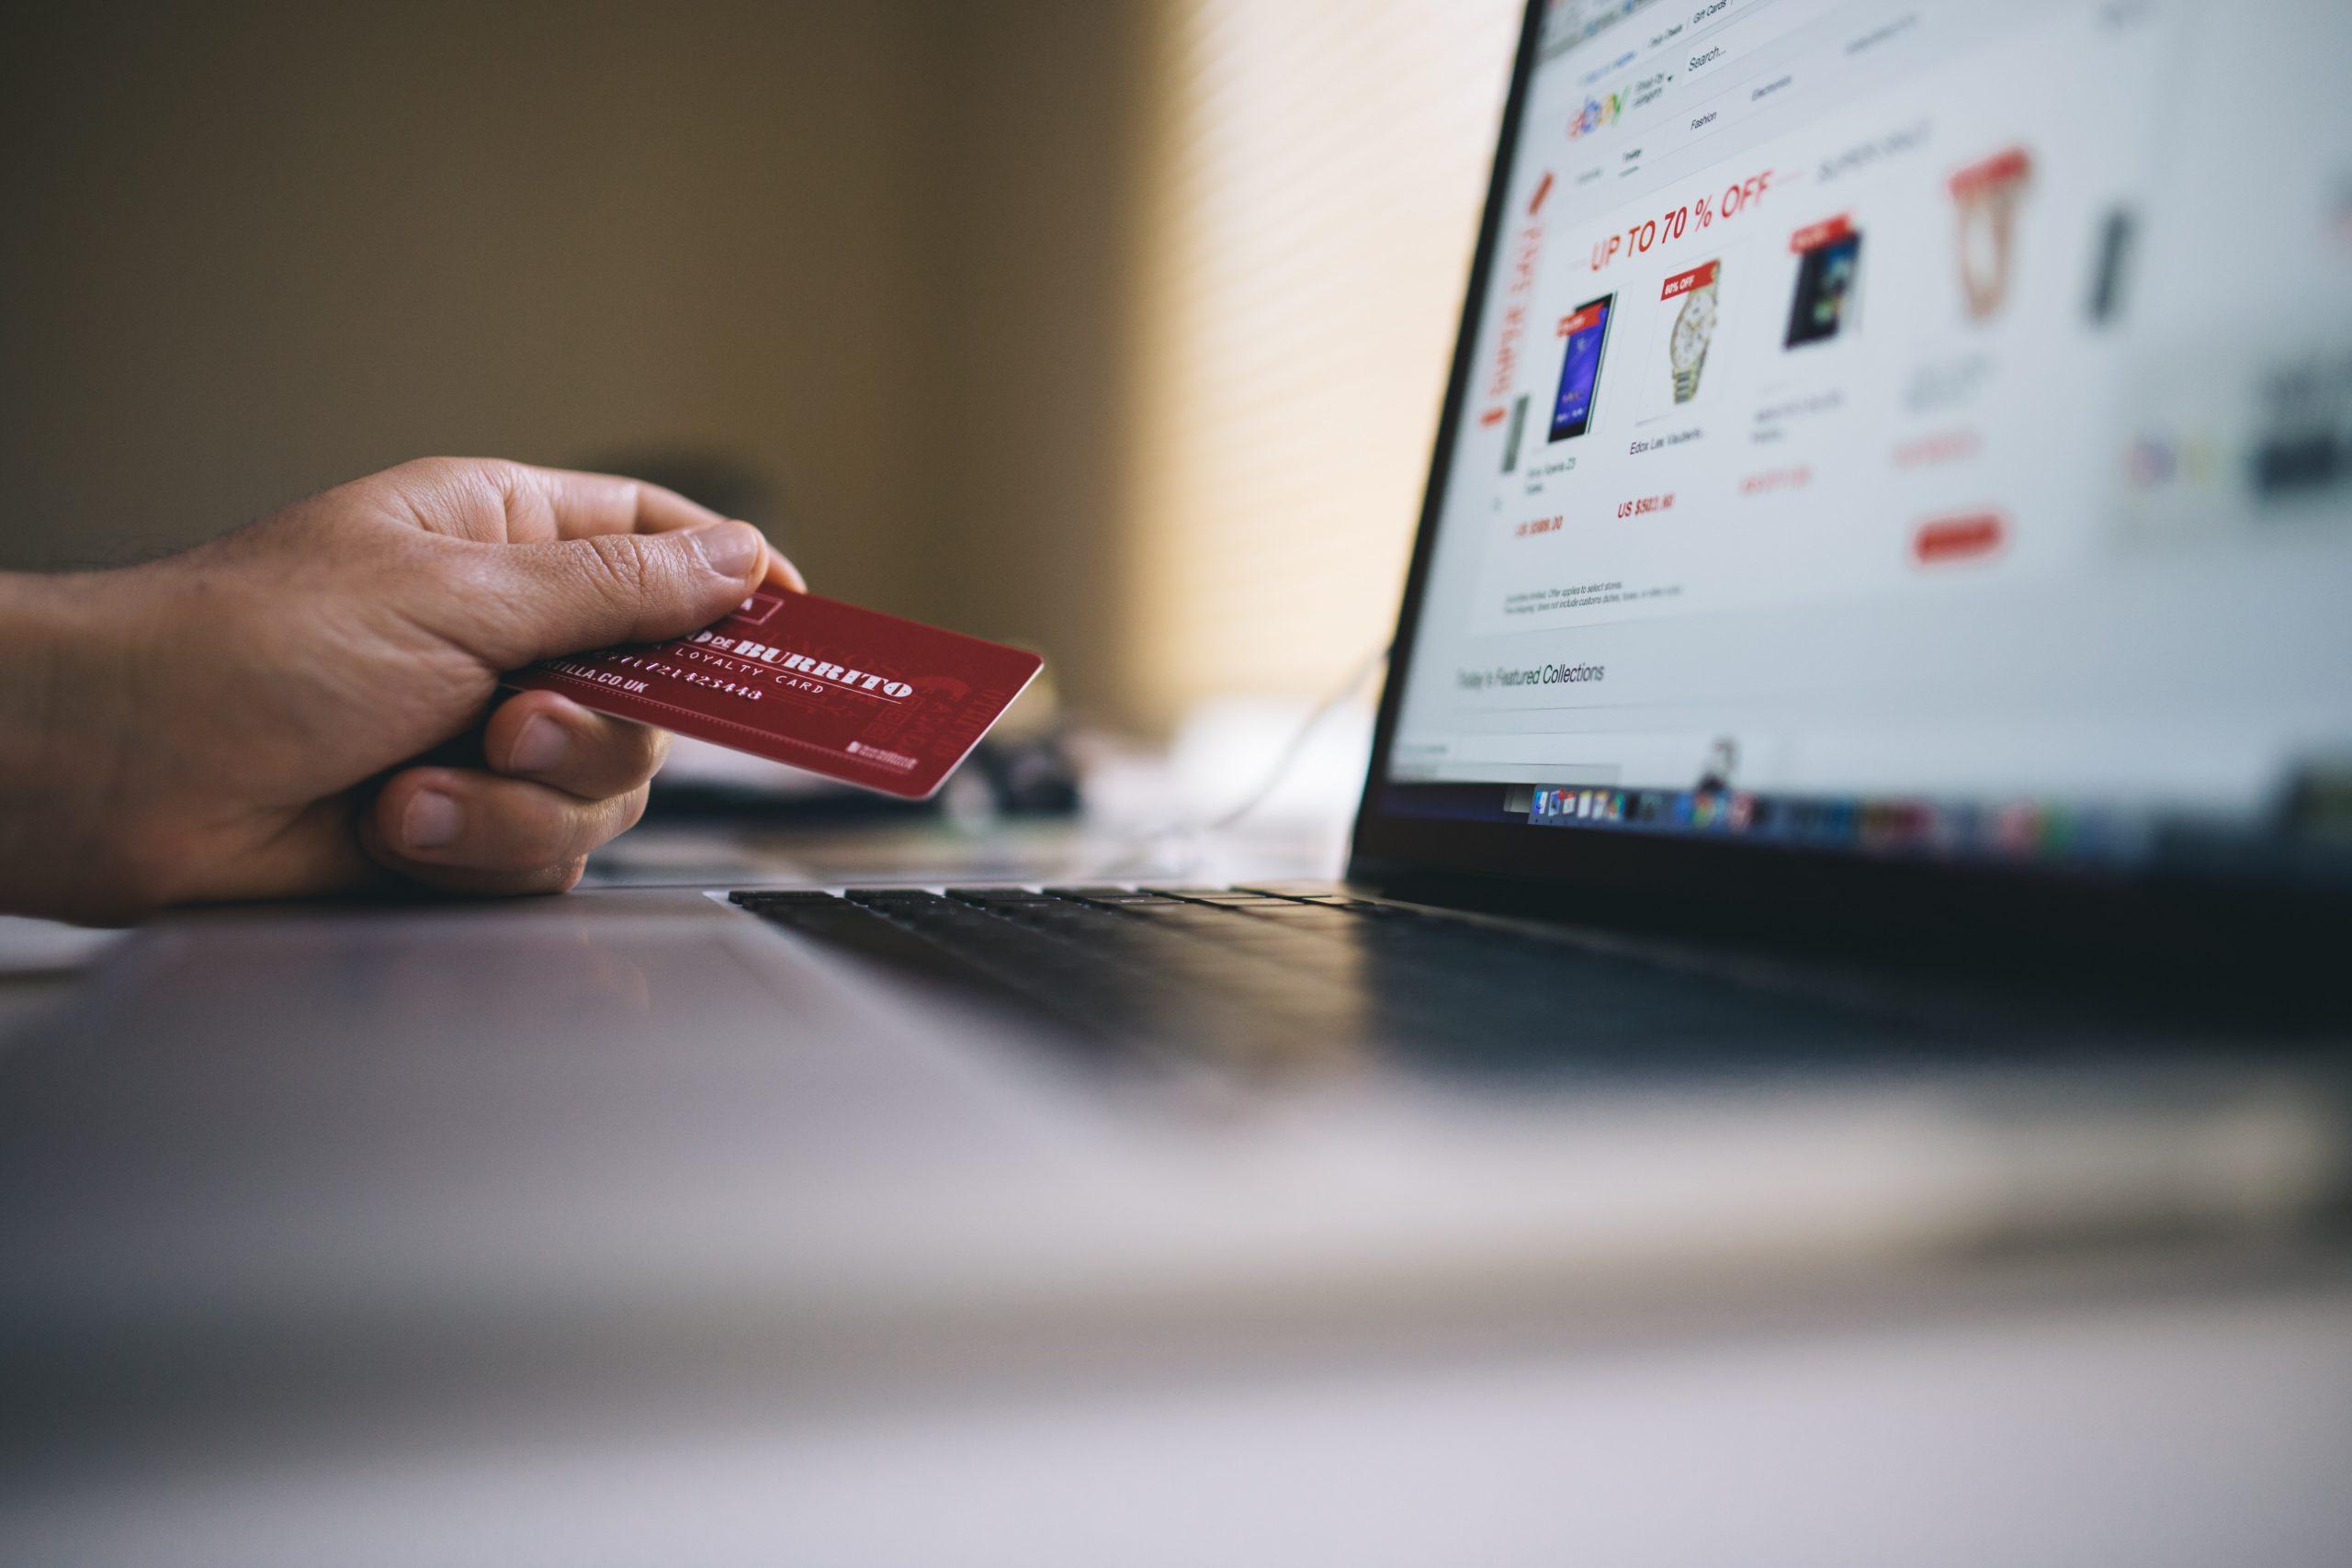 Consumidores panameños no creen en la recuperación económica